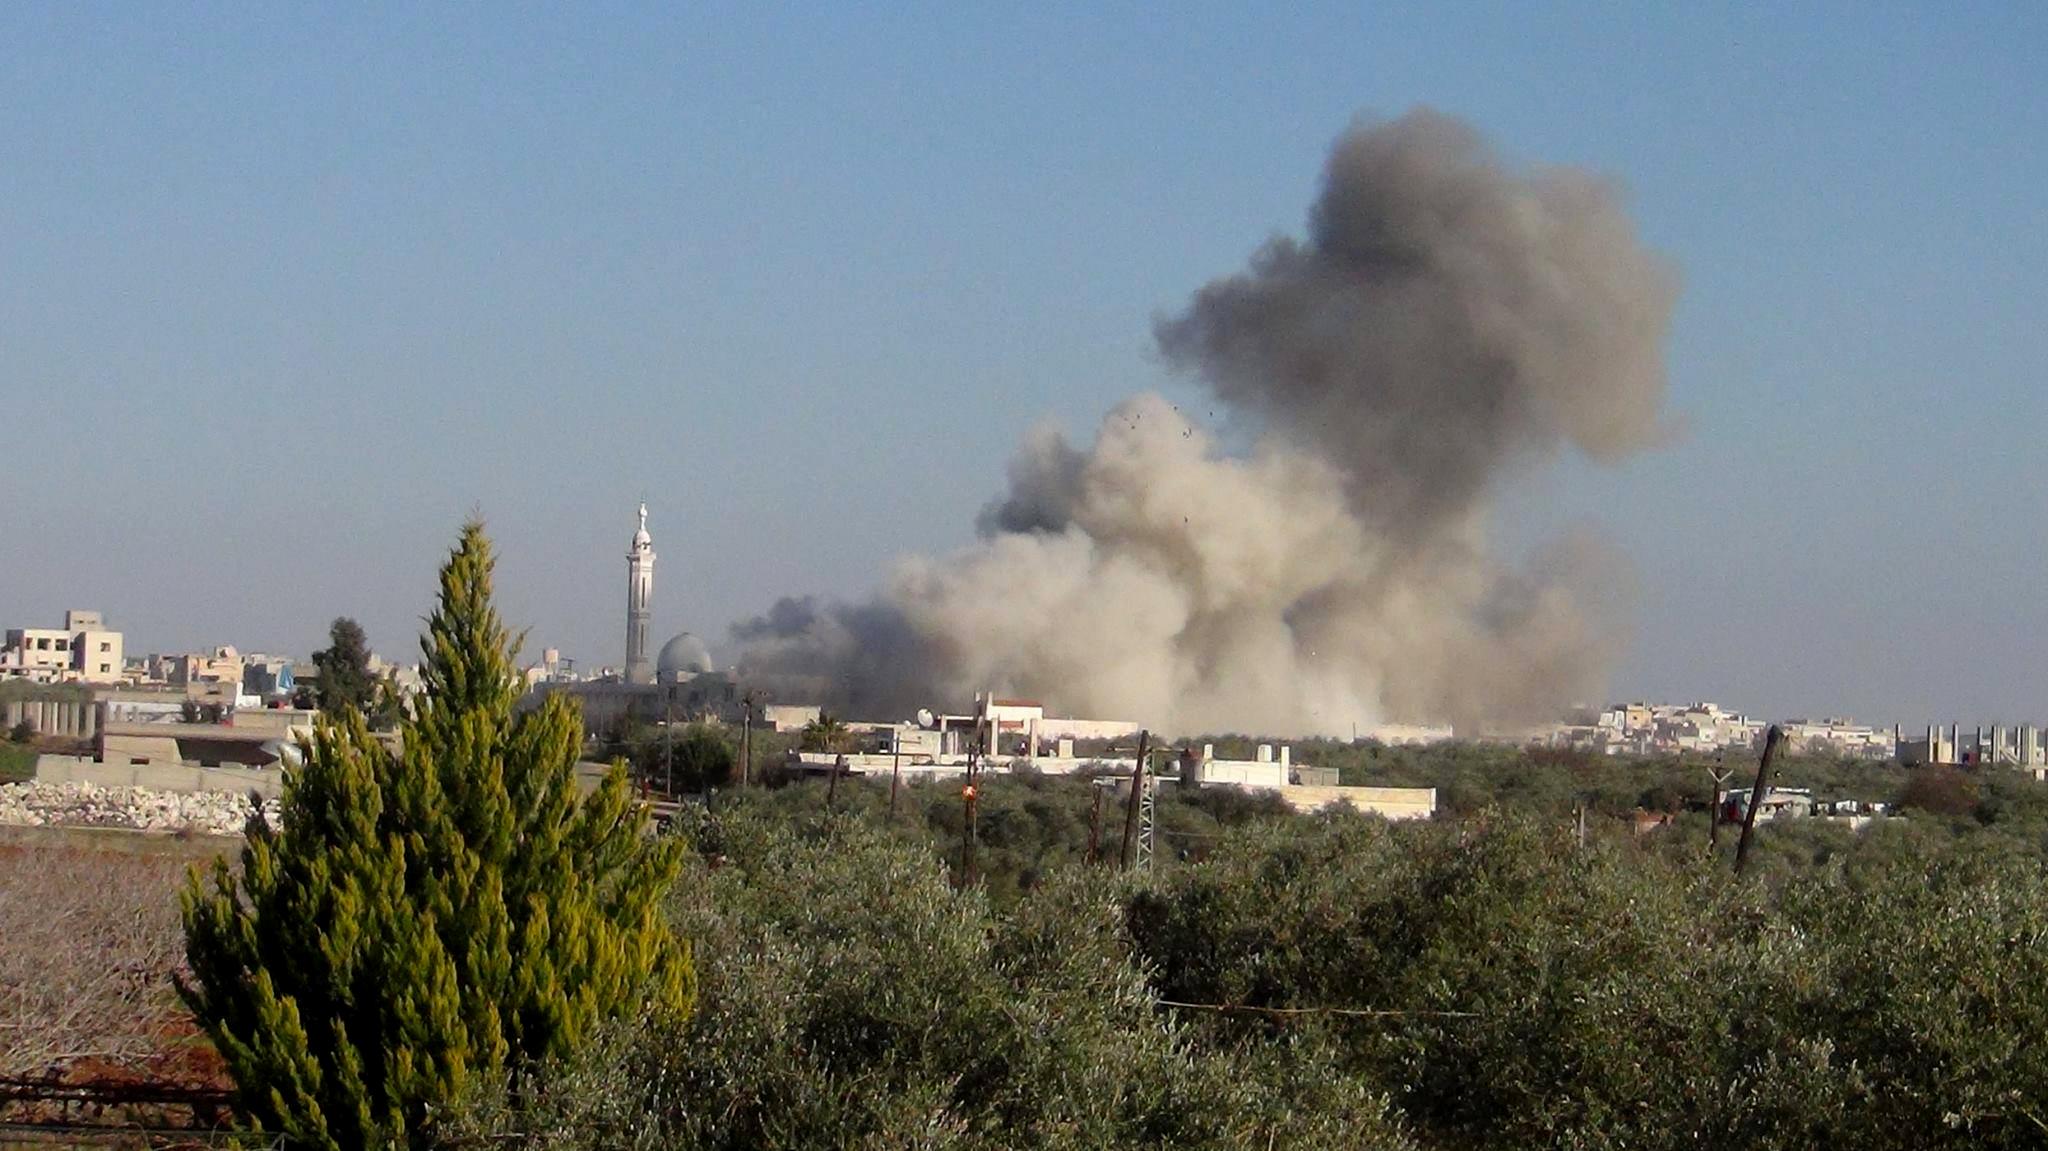 تصویر حمله خونبار موشكى تروریست ها به شهرهای  الزهرا وحلب در سوريه